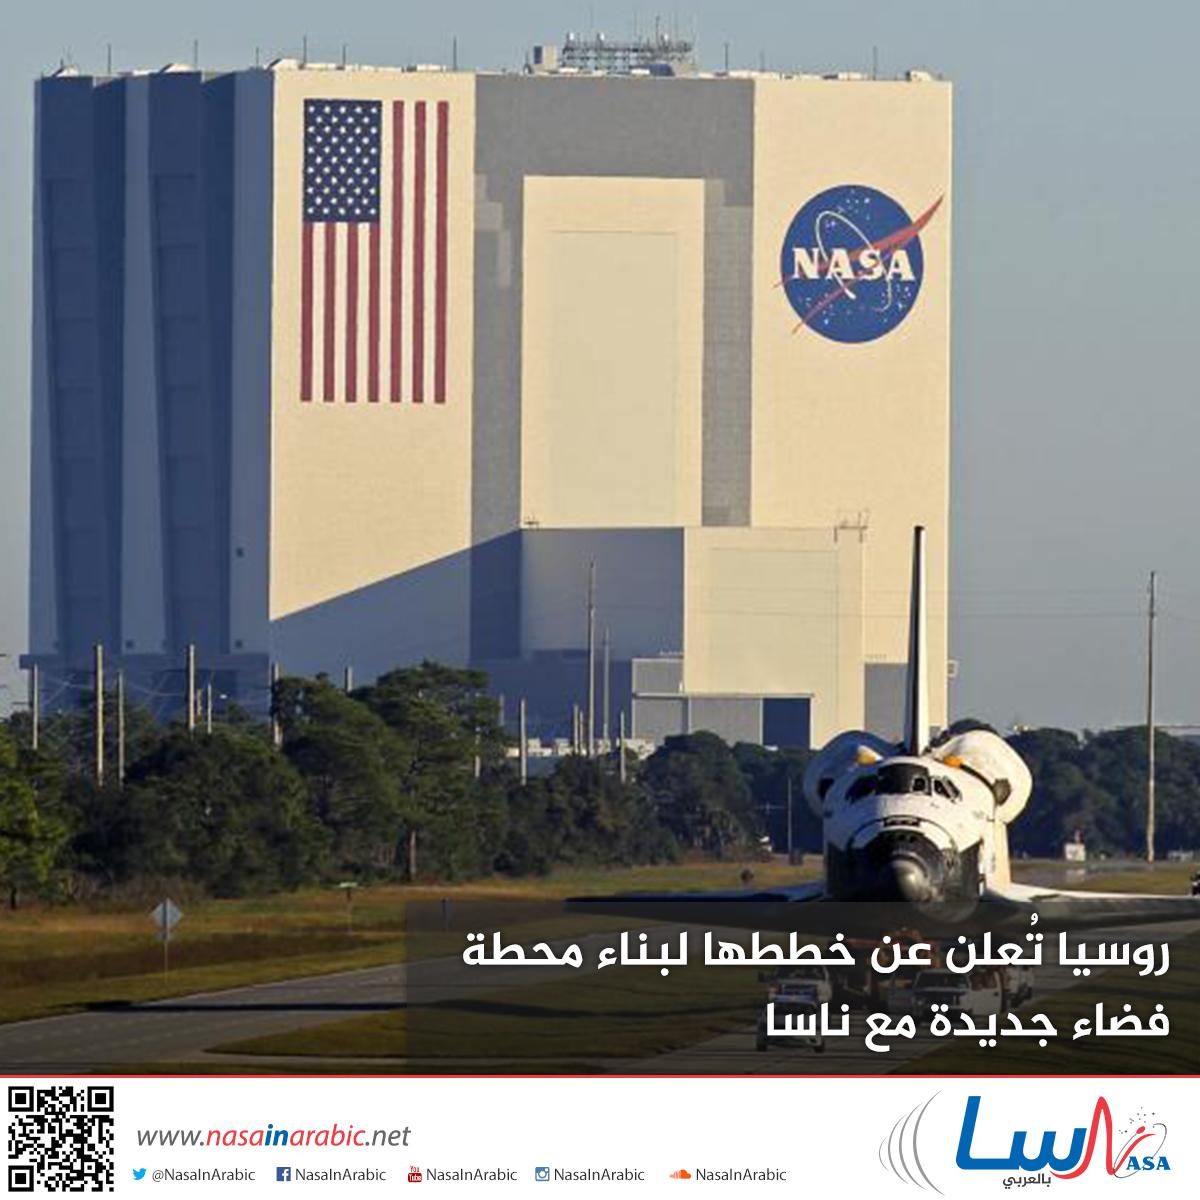 روسيا تُعلن عن خططها لبناء محطة فضاء جديدة مع ناسا